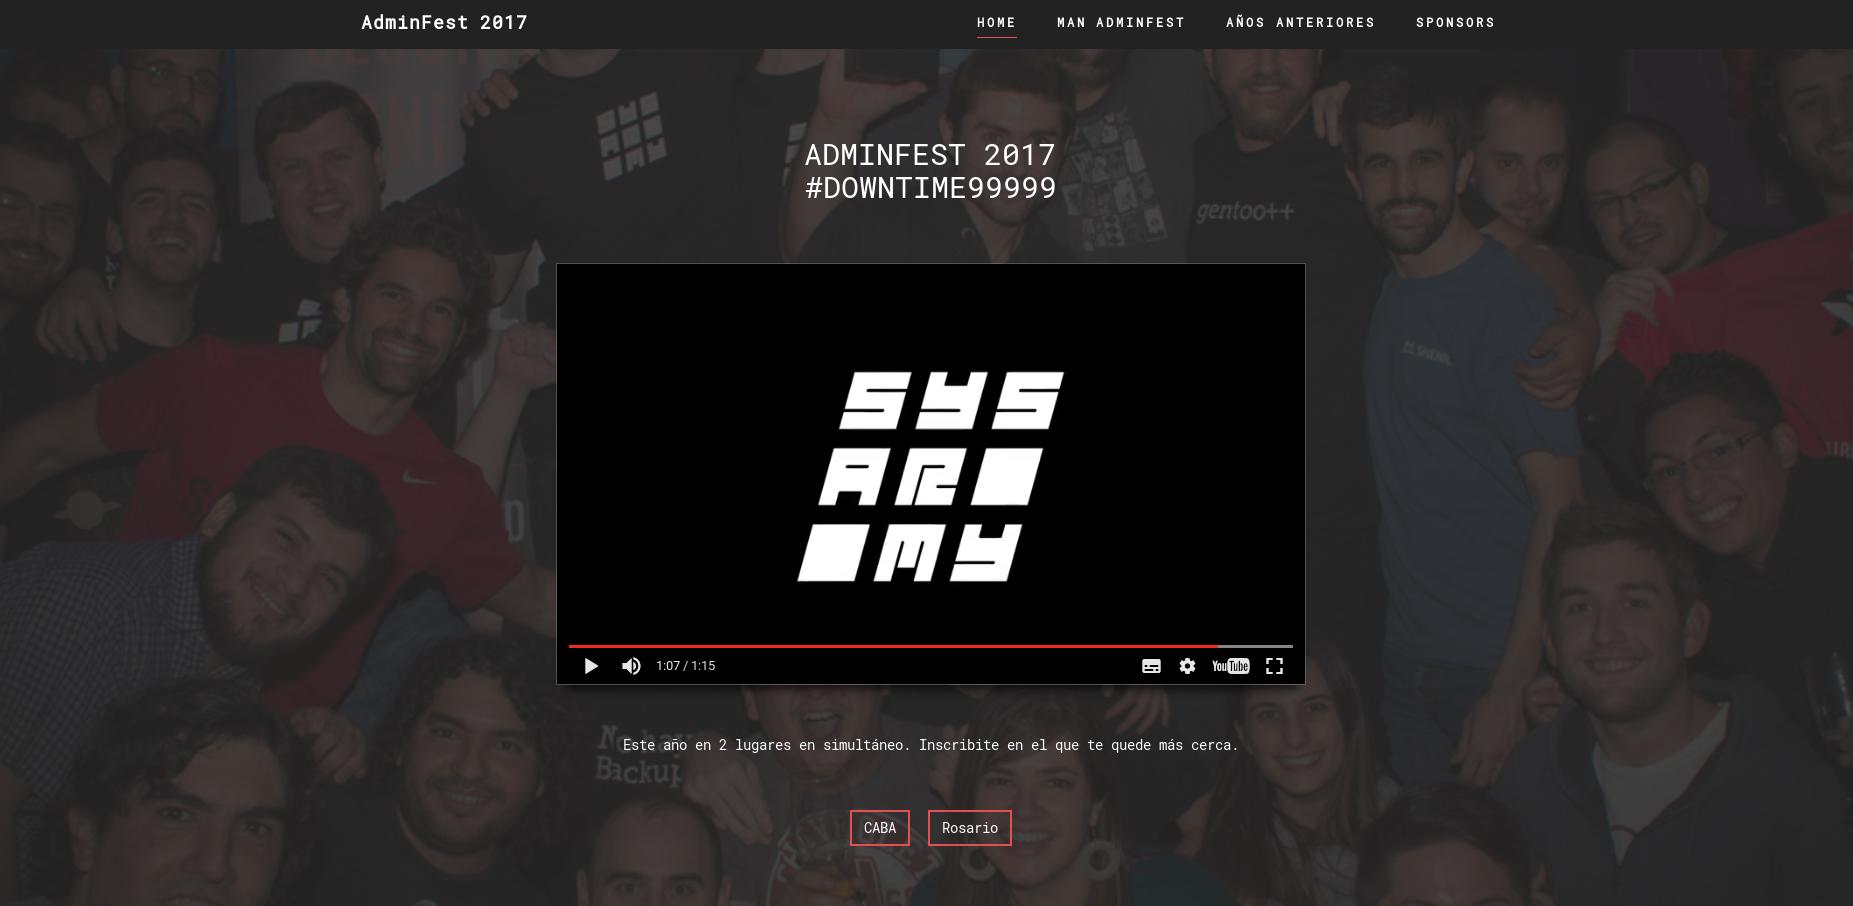 Sitio AdminFest 2017